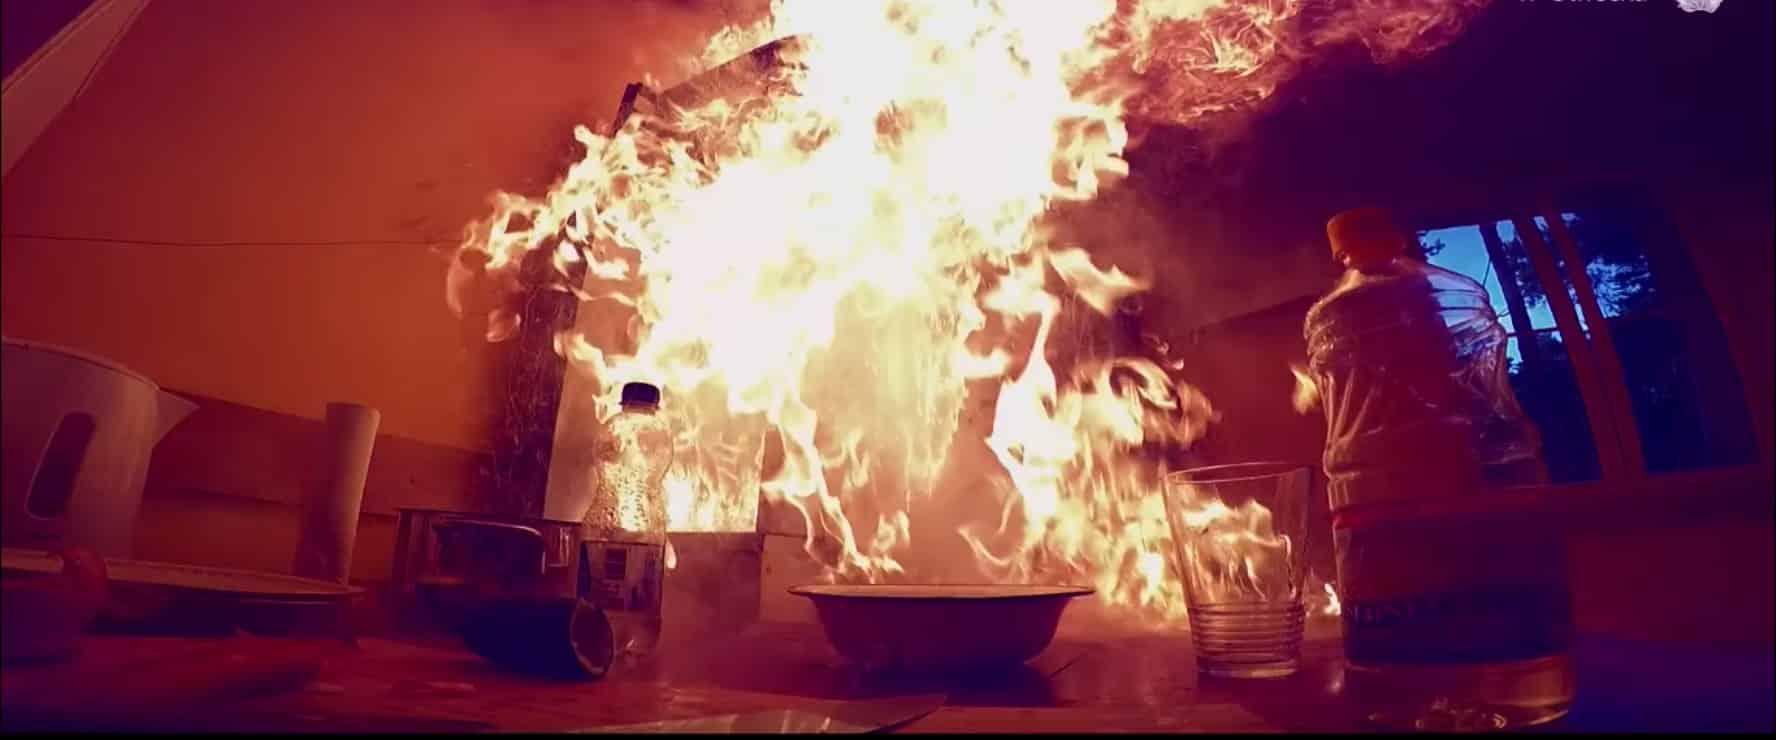 Próbowała ugasić WODĄ patelnię z płonącym OLEJEM! Chwilę później przekonała się, że był to bardzo ZŁY POMYSŁ!